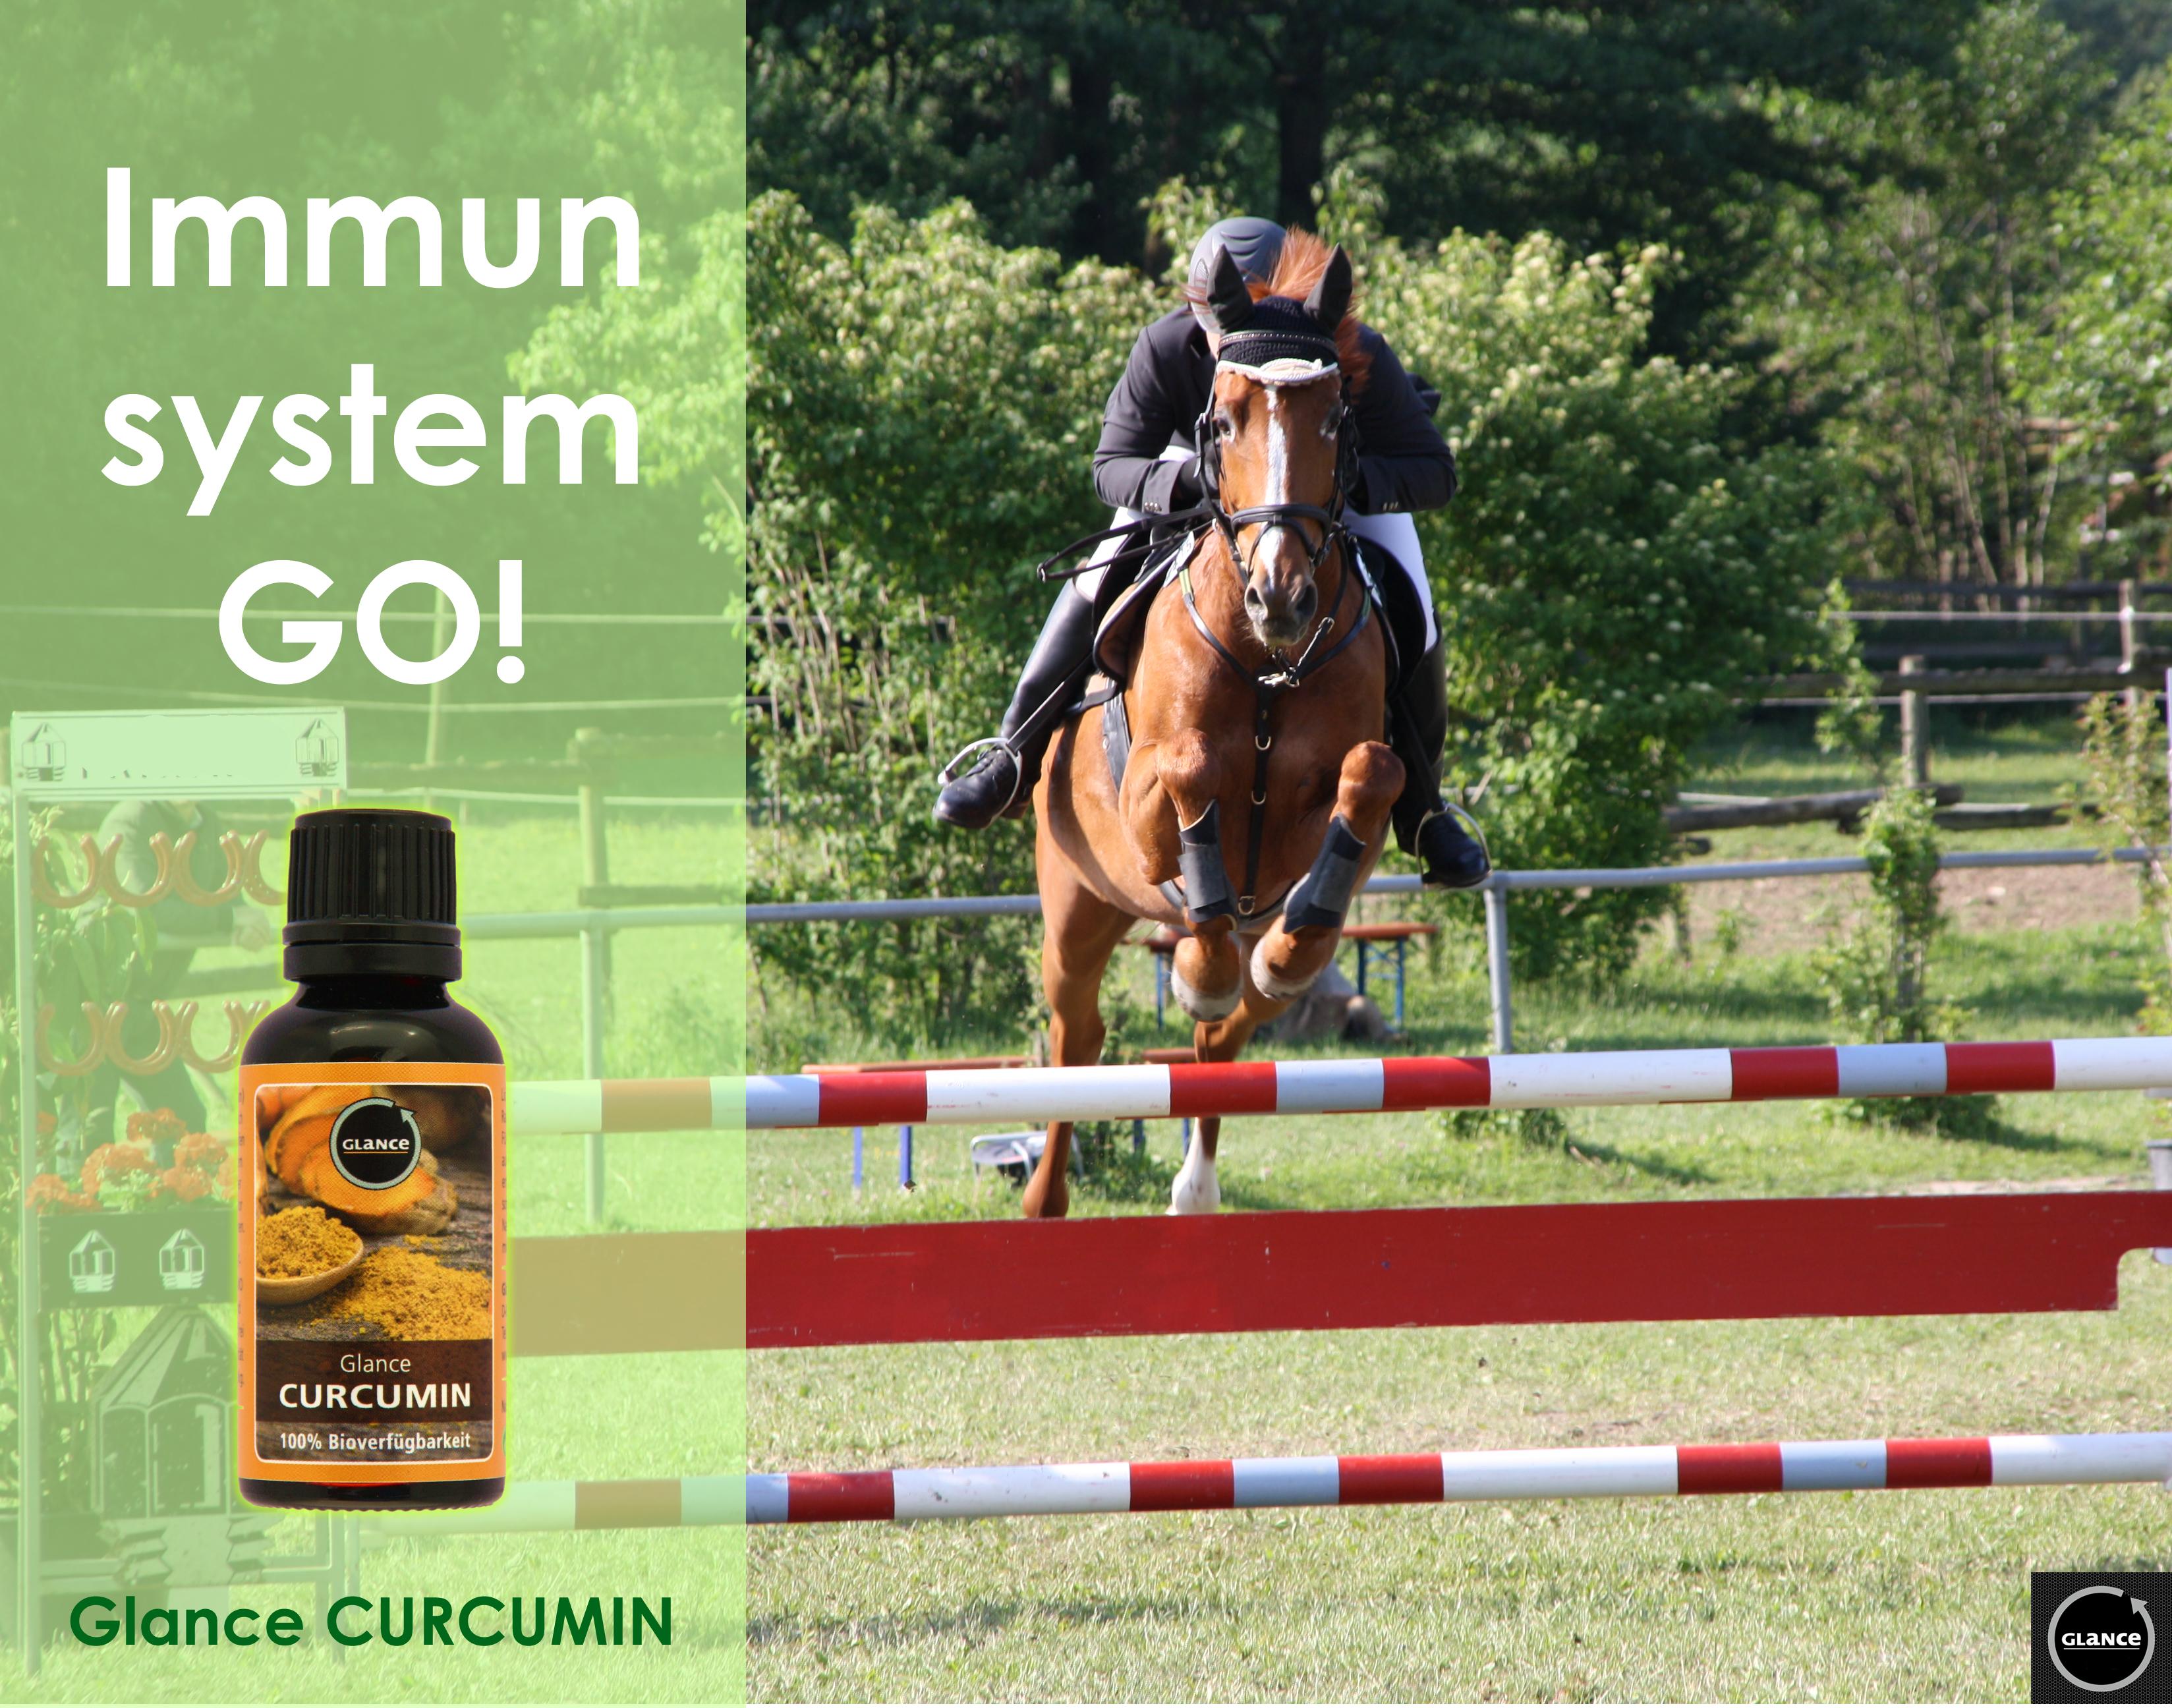 Werbebild Immunsystem Go - Glance Curcumin